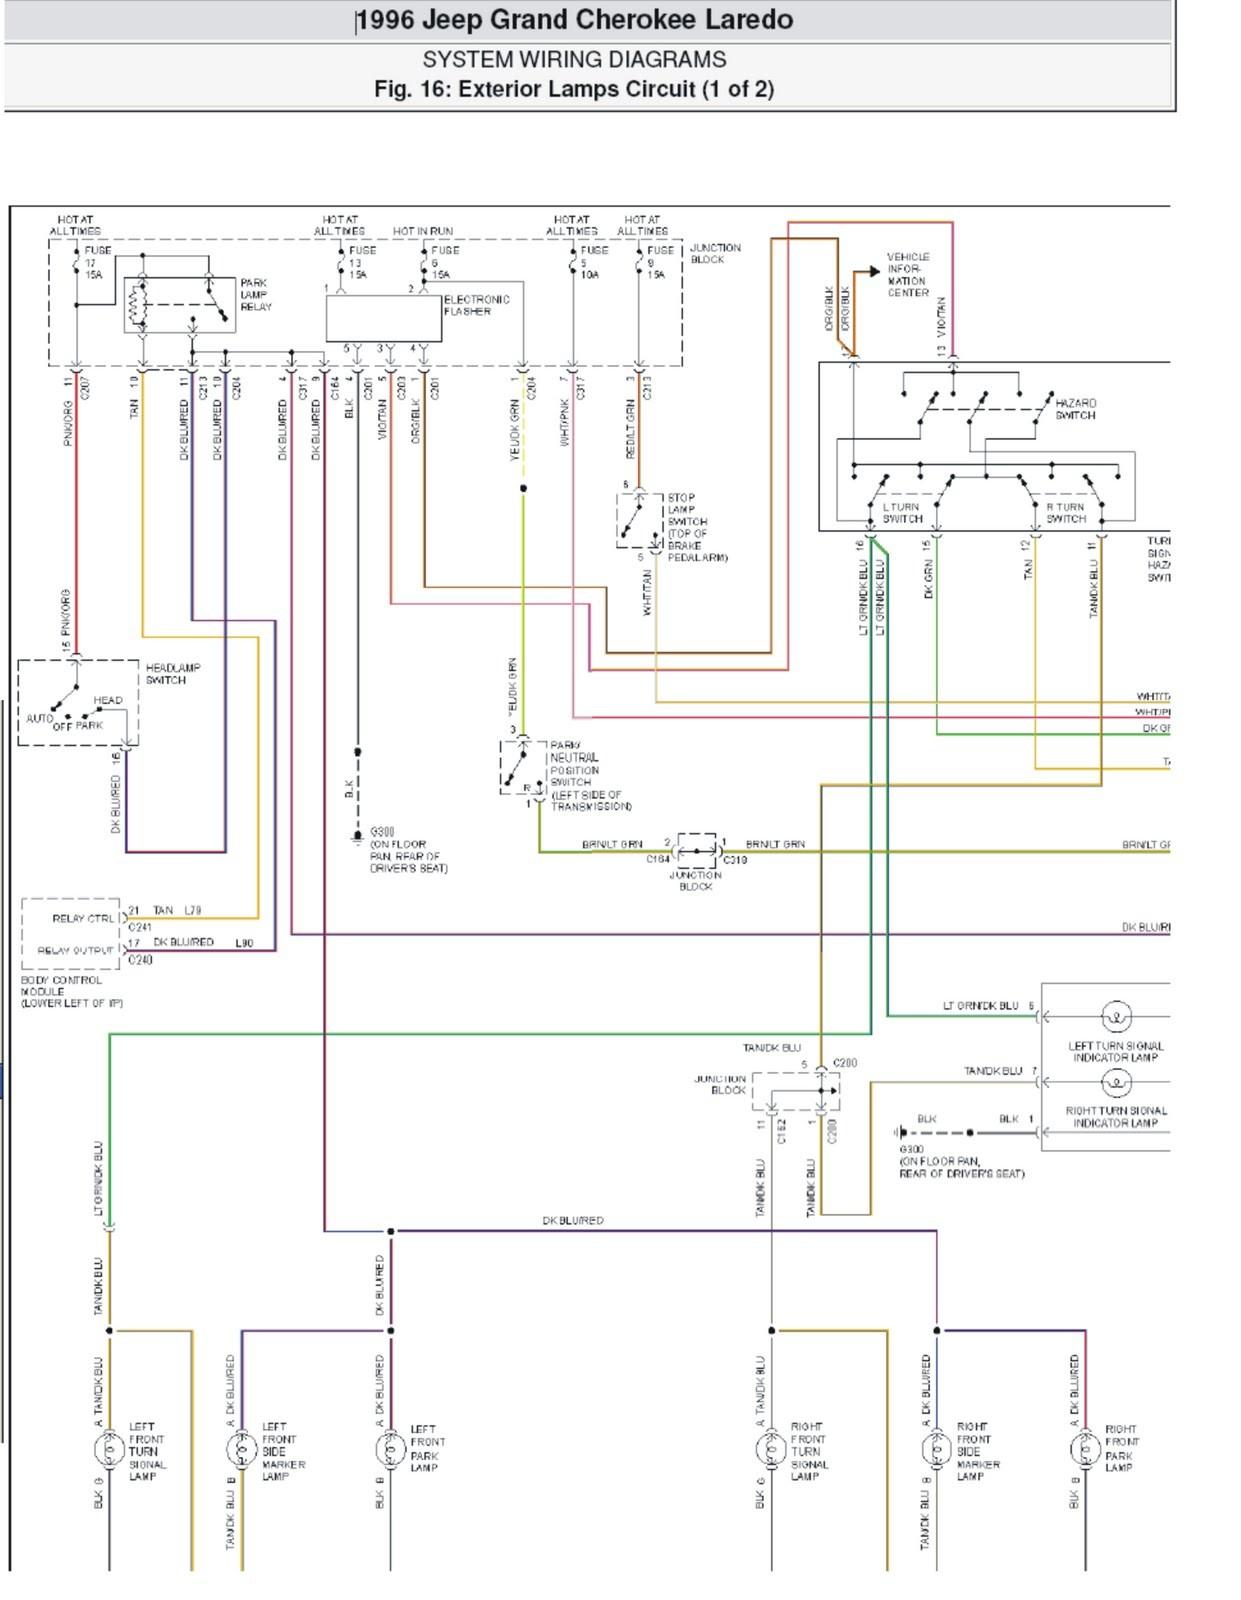 Metra Gmos Wiring Diagram - All Wiring Diagram - Metra 70-5520 Wiring Diagram